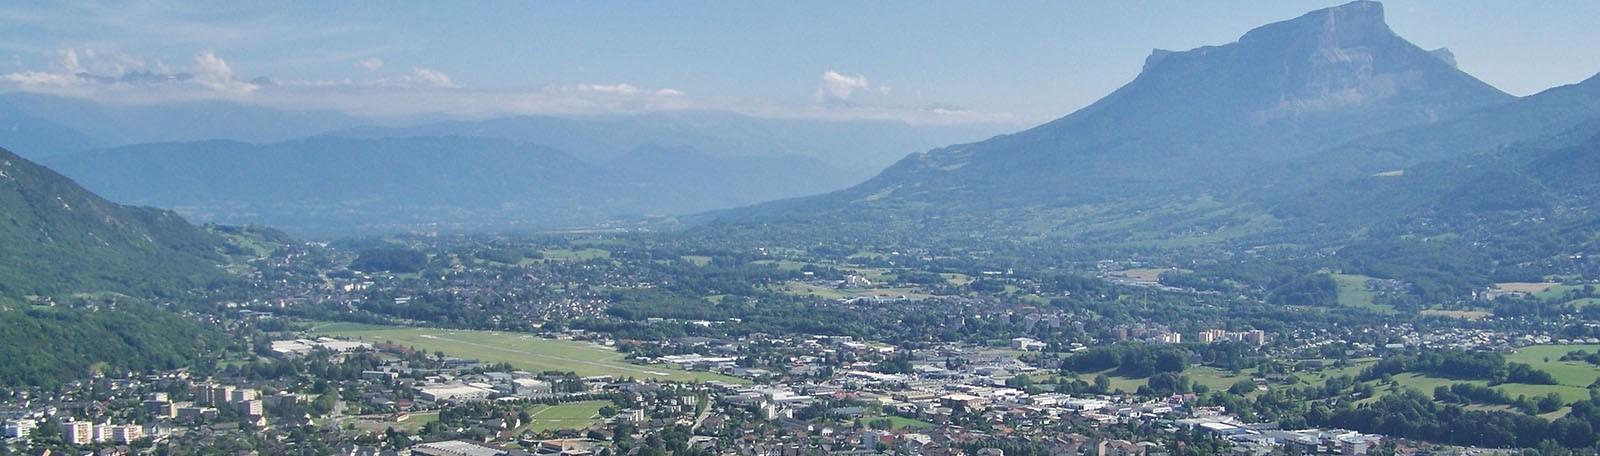 Stationner à Chambéry Hôpital P3